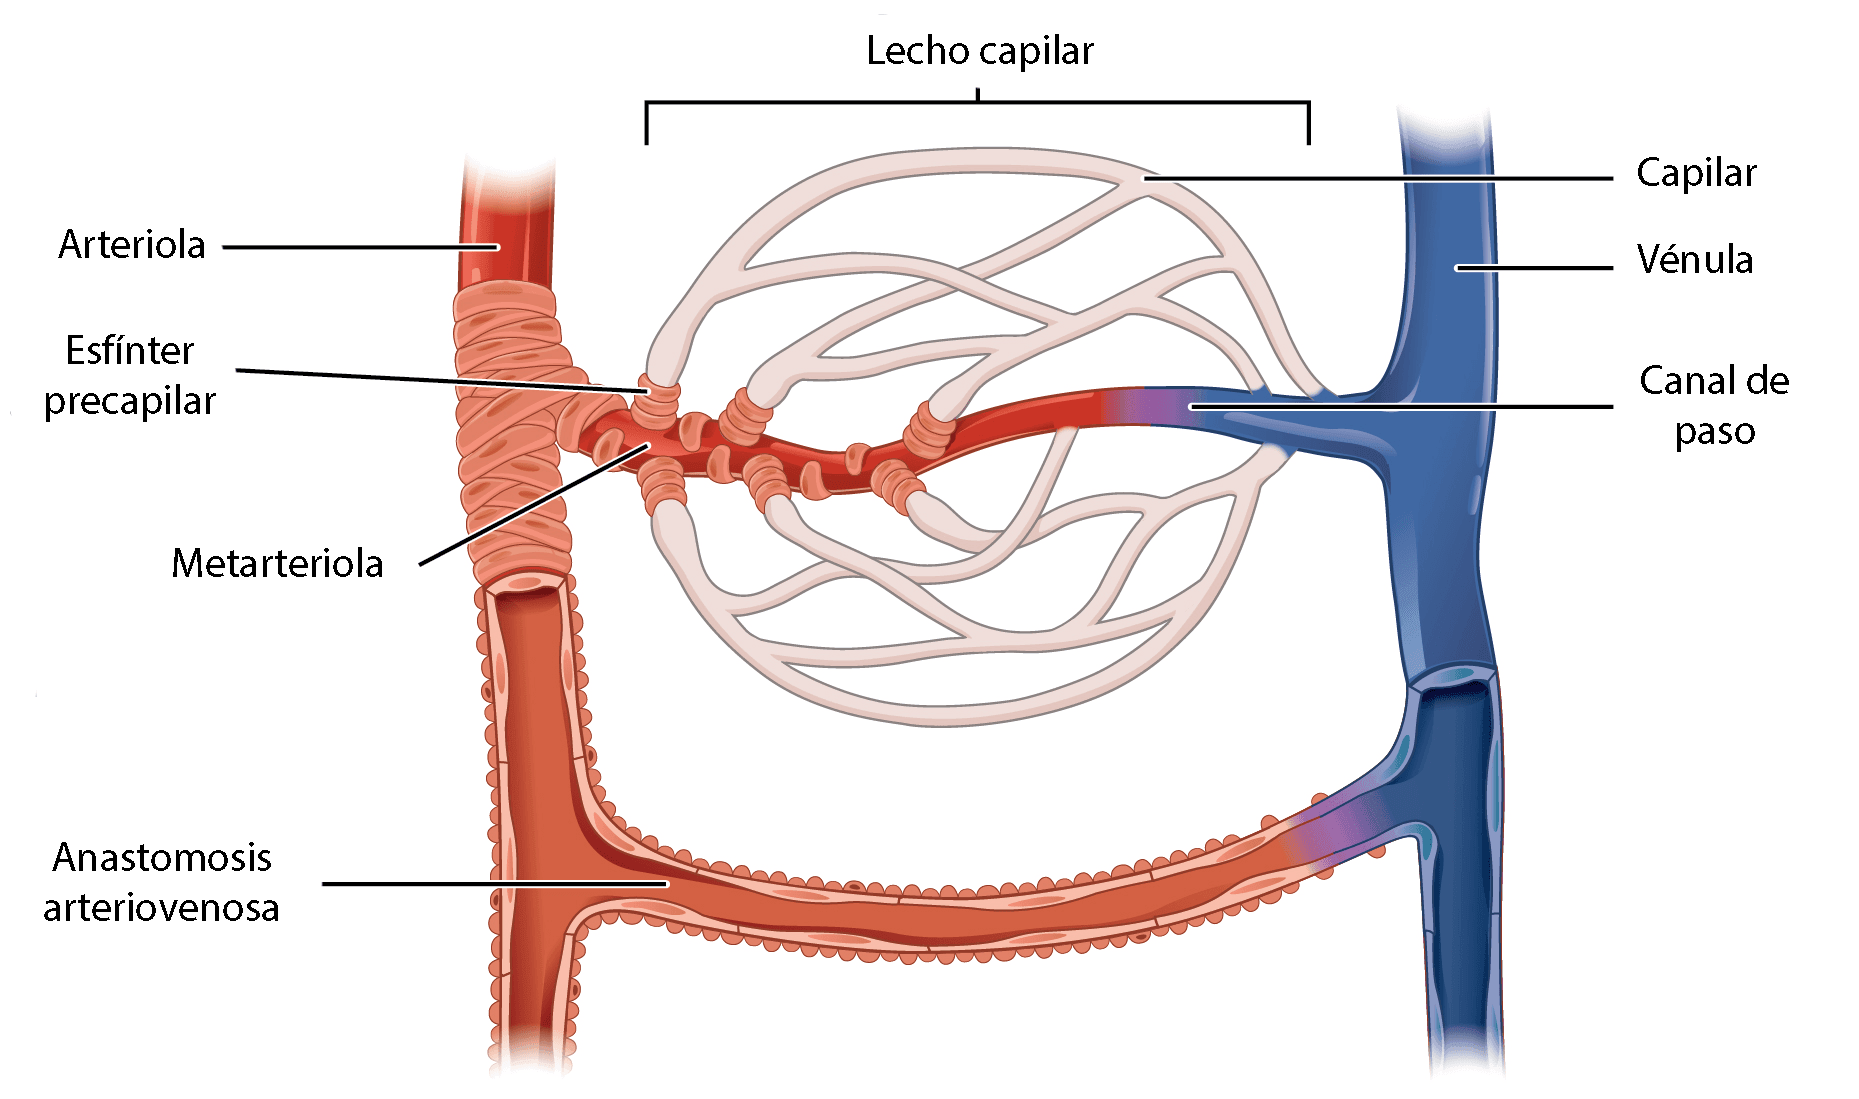 ¿Cómo se llaman los pequeños vasos sanguíneos?